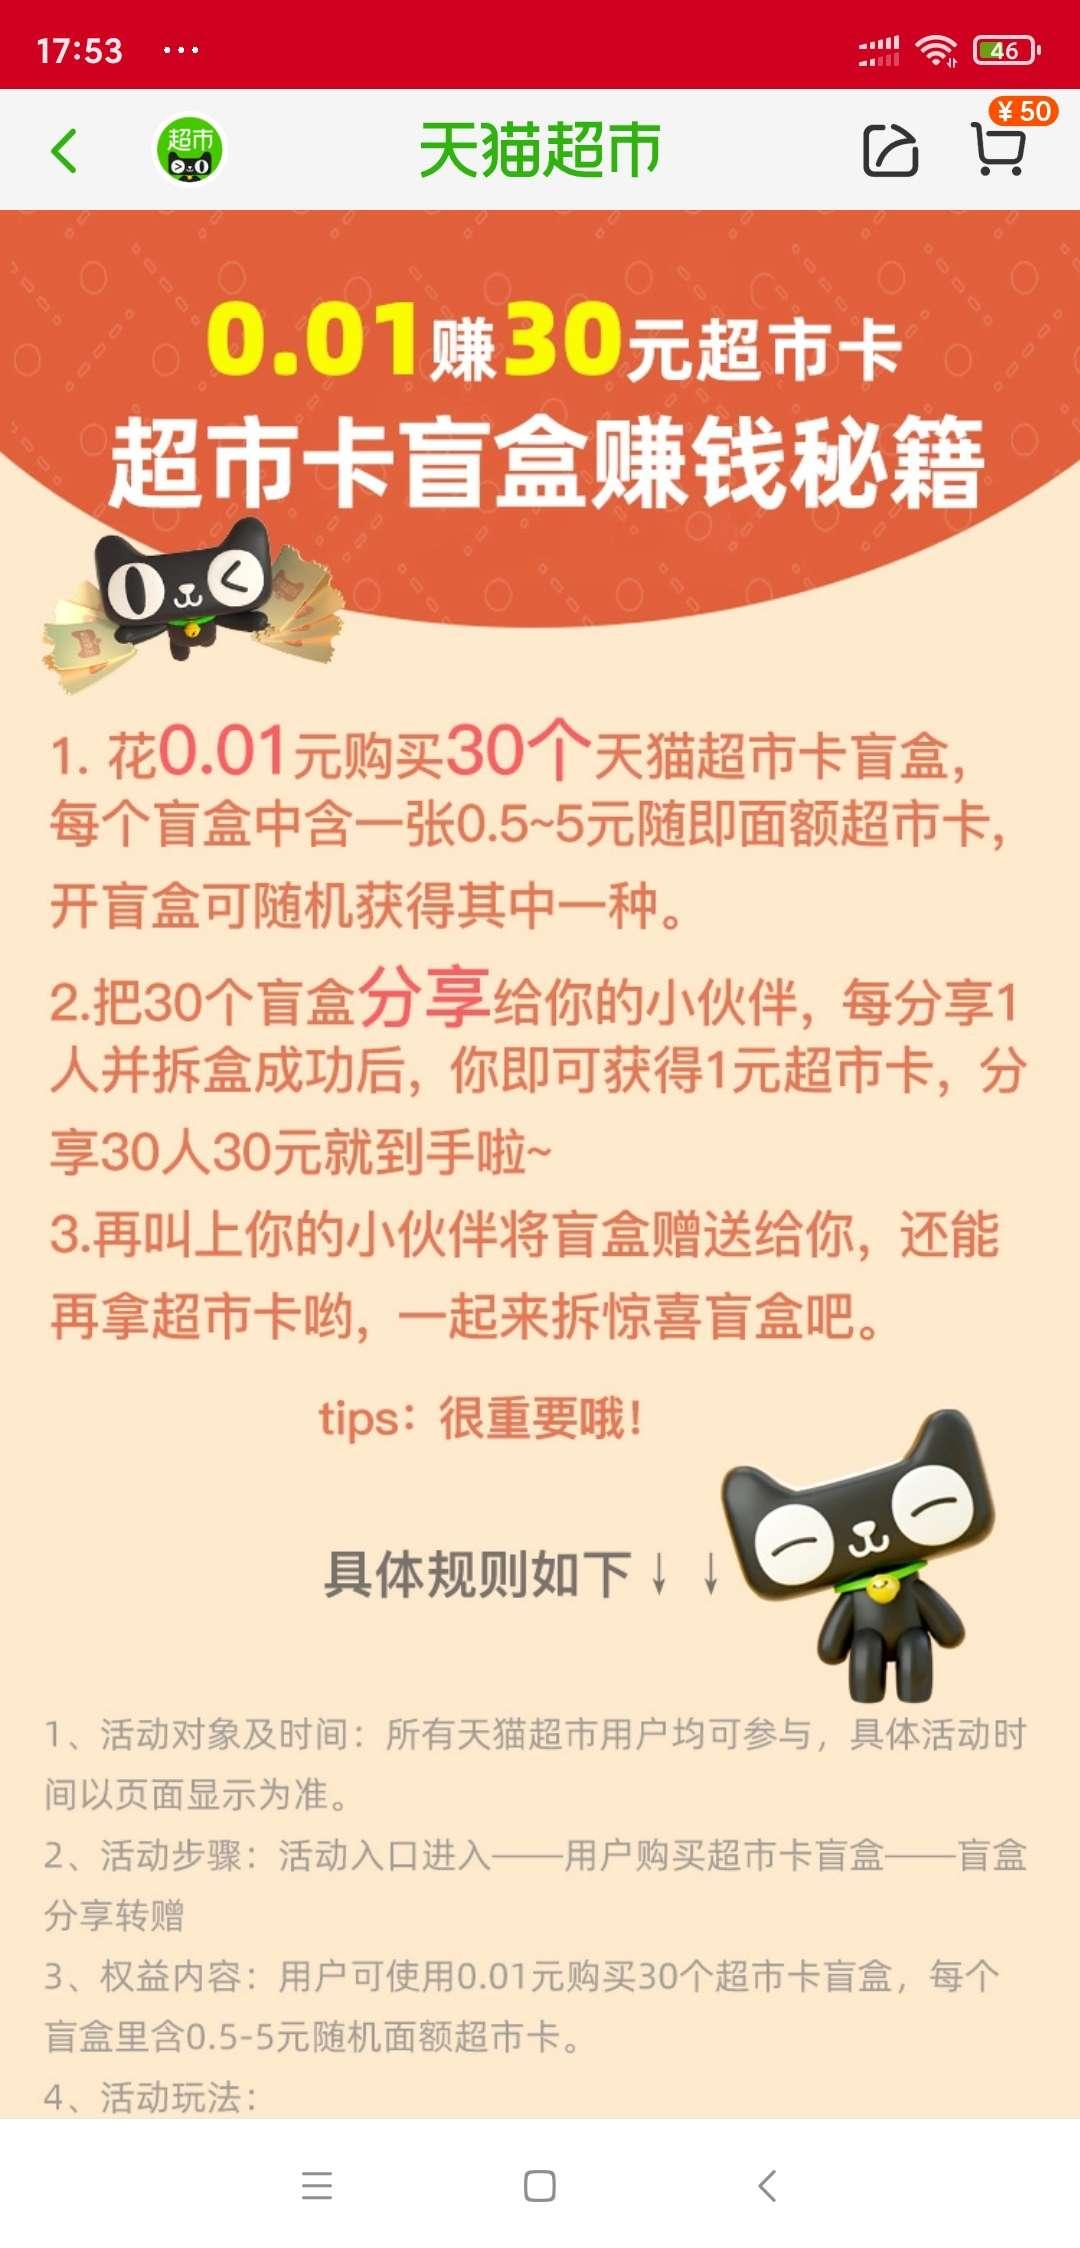 天猫超市盲盒活动0.01元赚30元